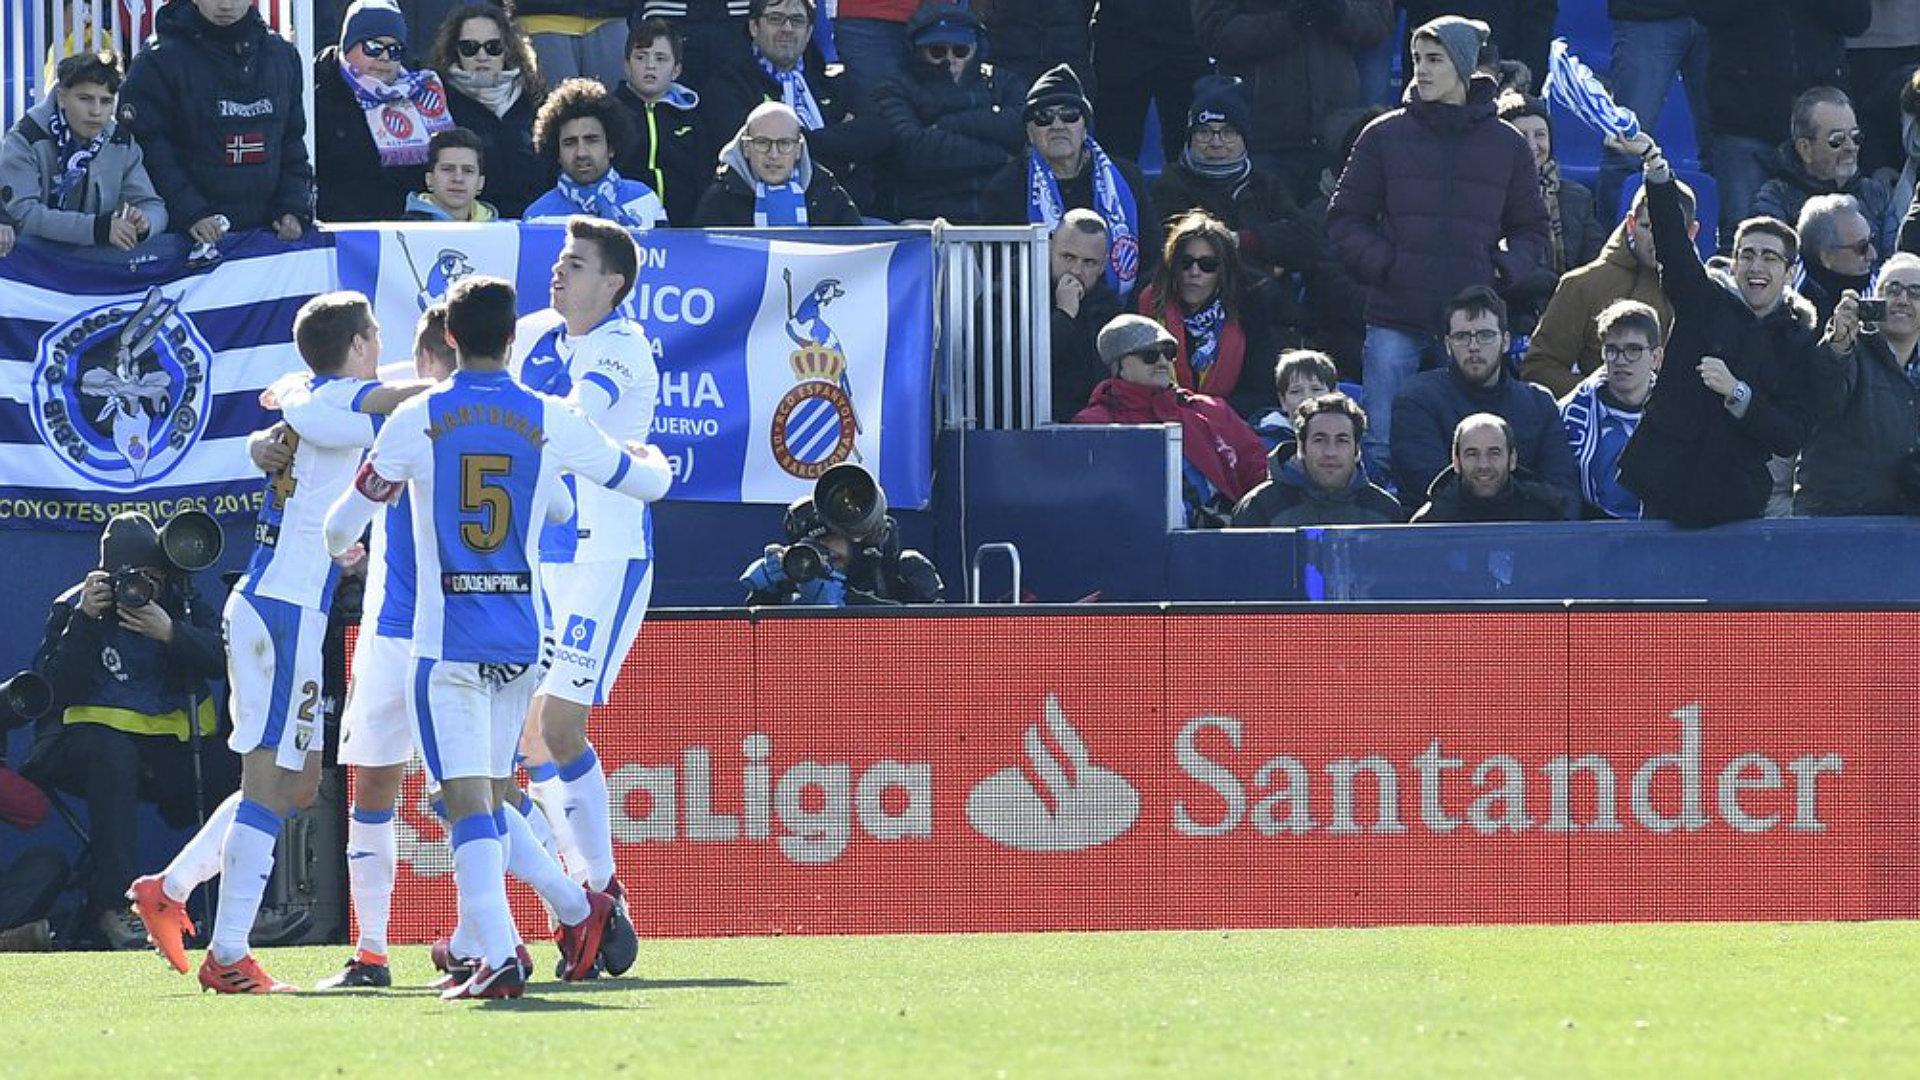 Leganés y Sevilla dejan todo para la vuelta en Copa del Rey